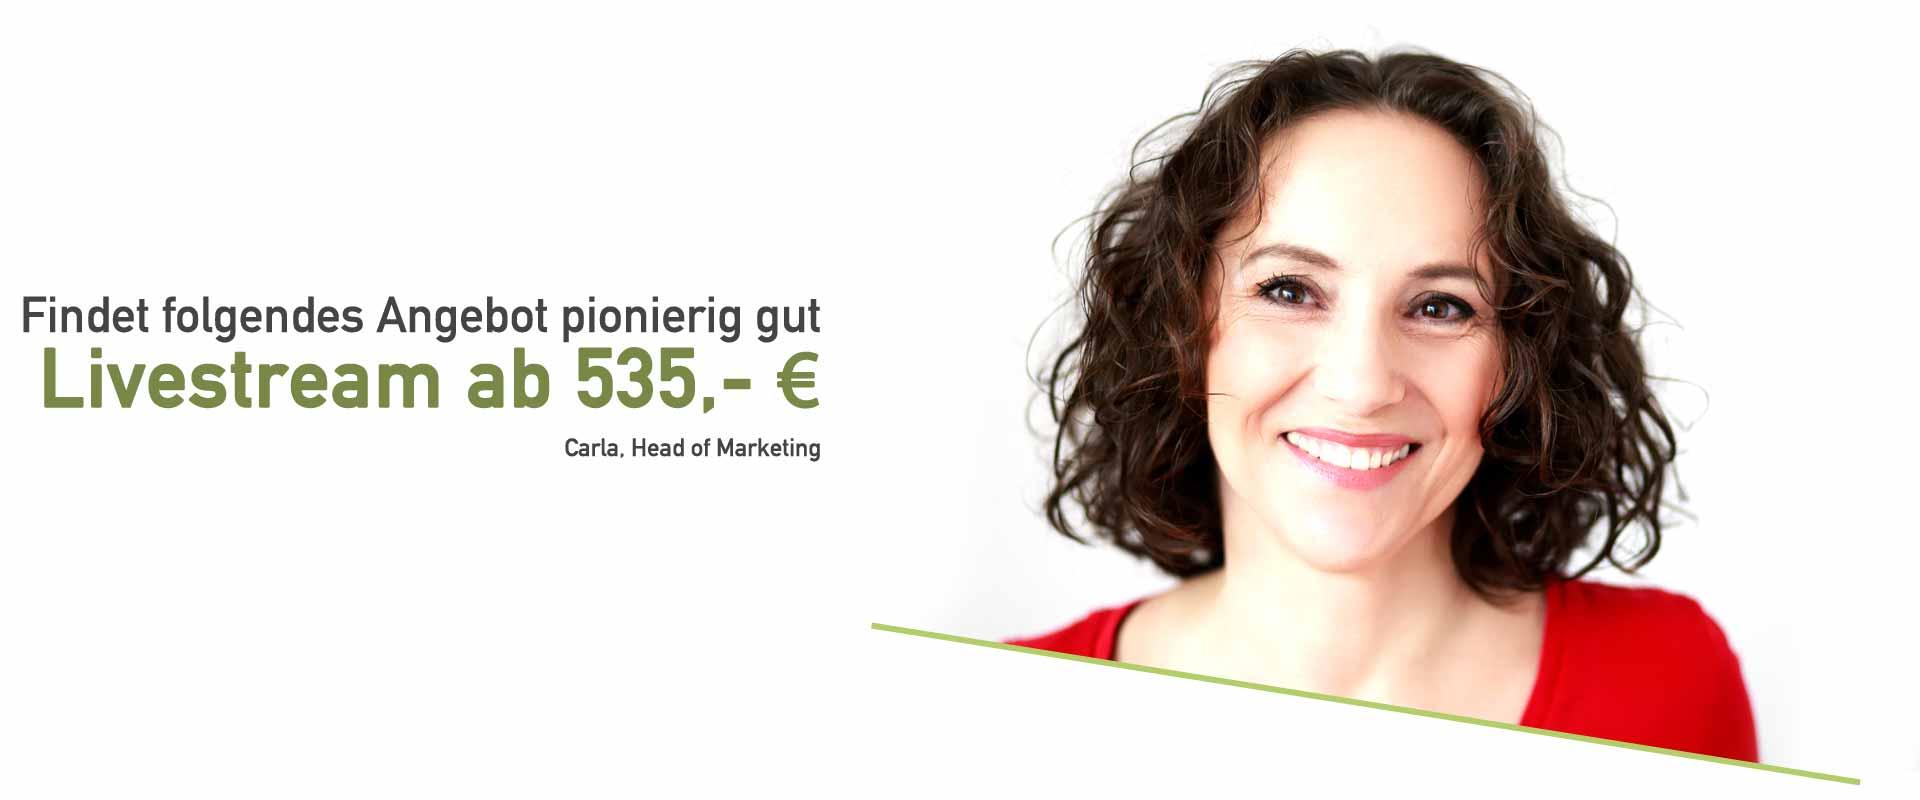 Carla findet das Angebot für einen Livestream ab 535 Euro Pionierin gut.